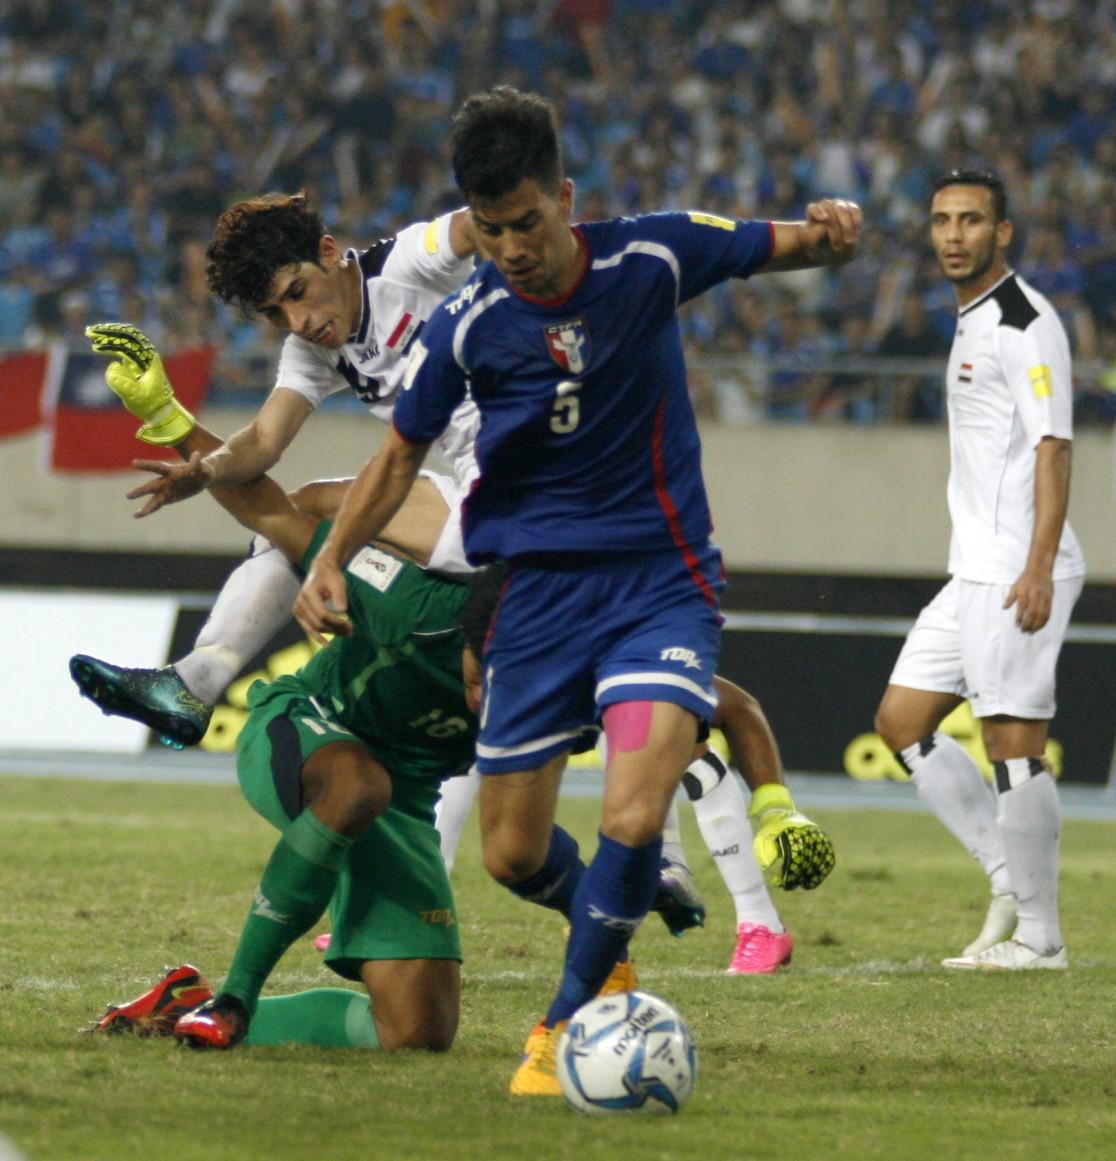 2018世界盃亞洲區資格賽第二輪 中華隊0比2輸伊拉克1